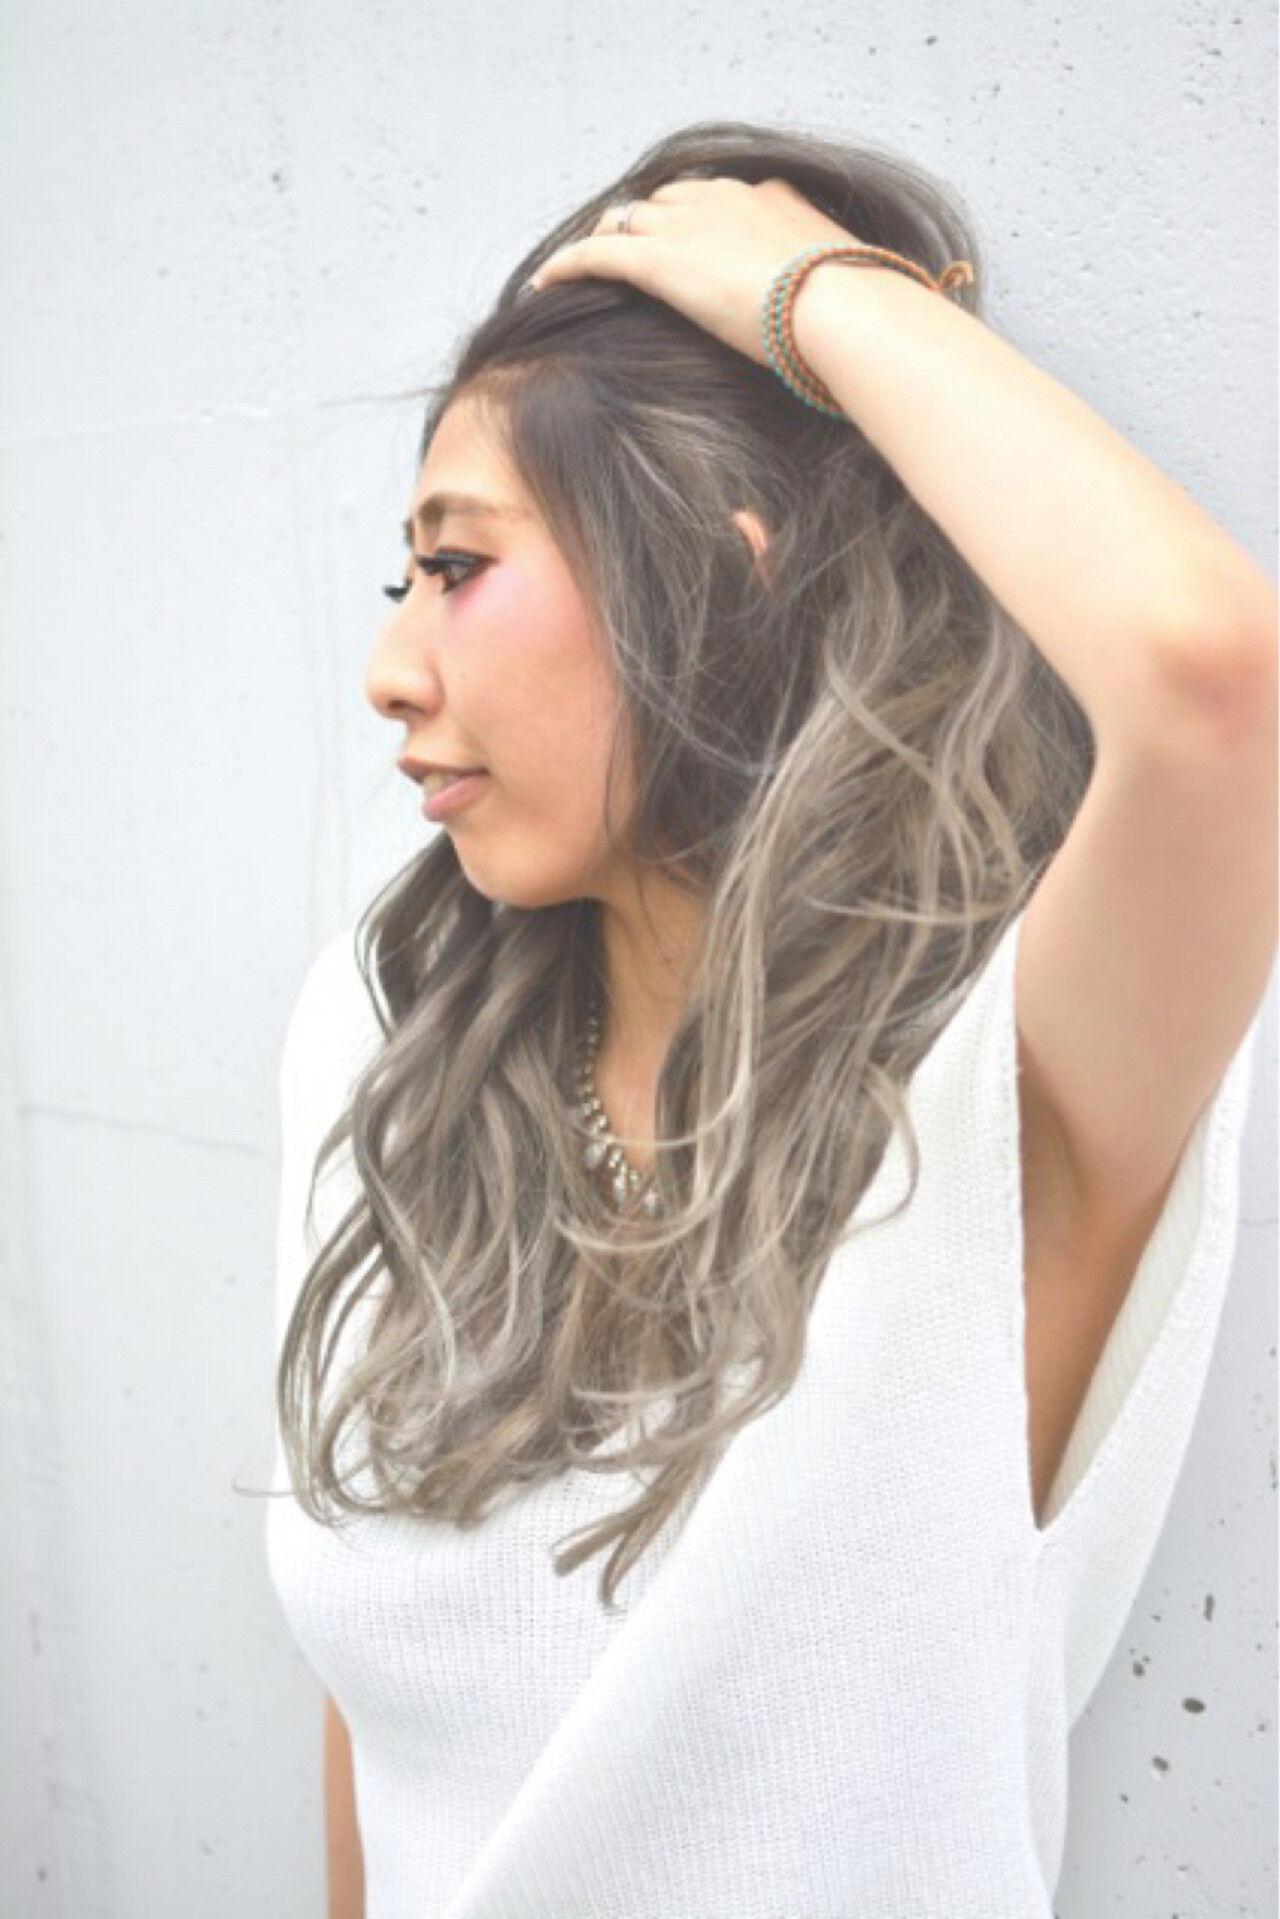 グラデーションカラー アッシュ ロング ハイライトヘアスタイルや髪型の写真・画像